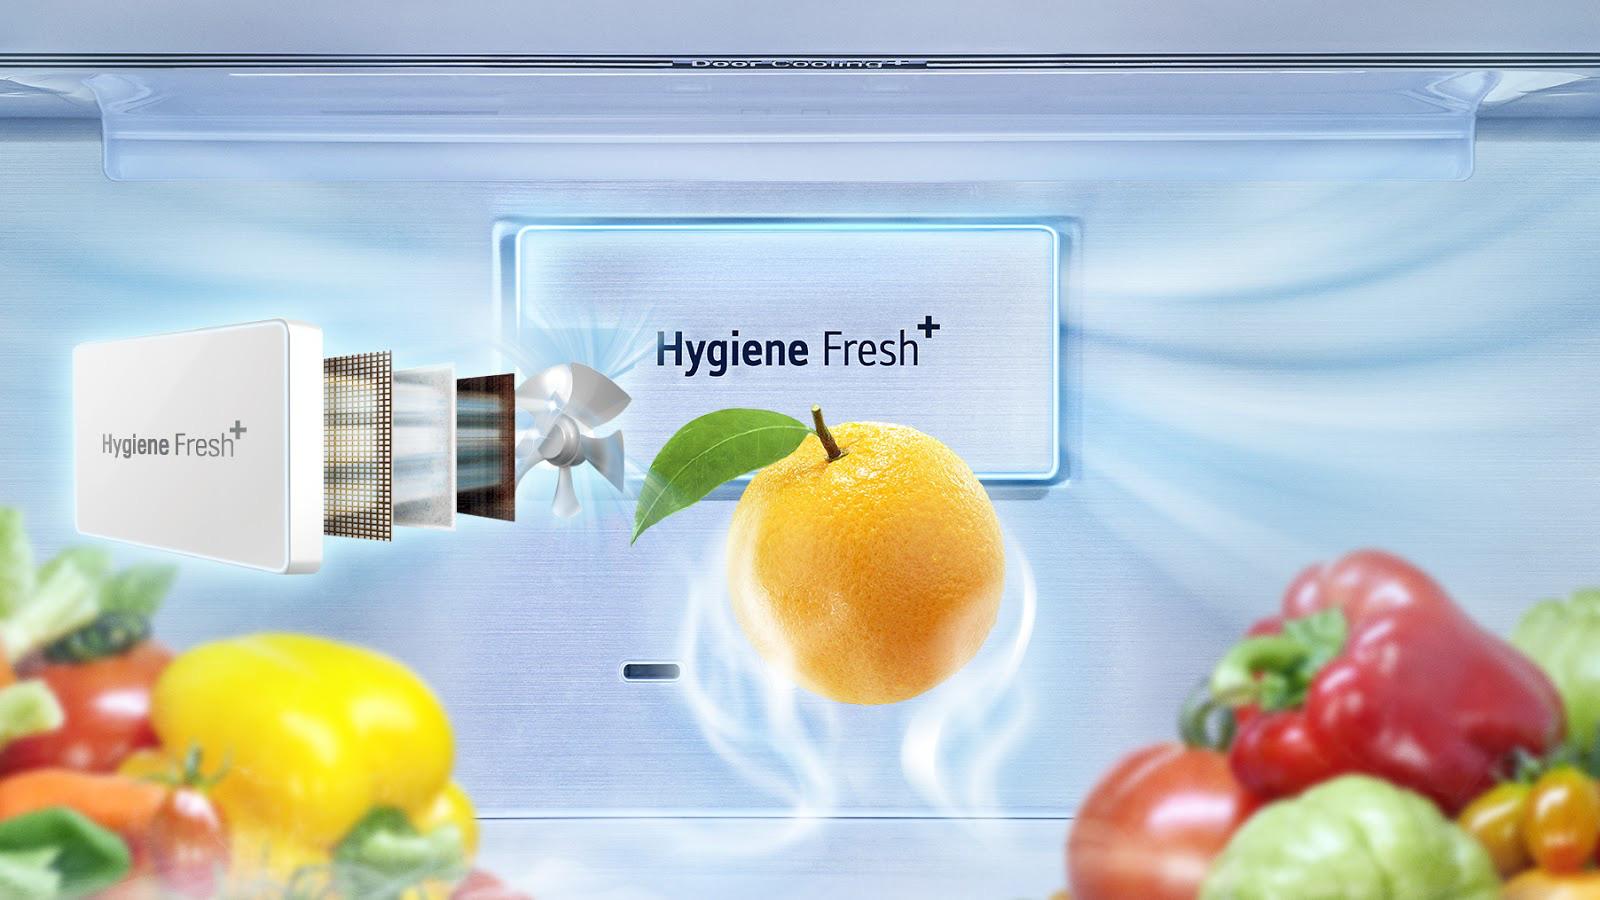 HygieneFresh+™ của LG French Door - Khi câu chuyện kháng khuẩn khử mùi là tiêu chí hàng đầu cho tủ lạnh - Ảnh 2.